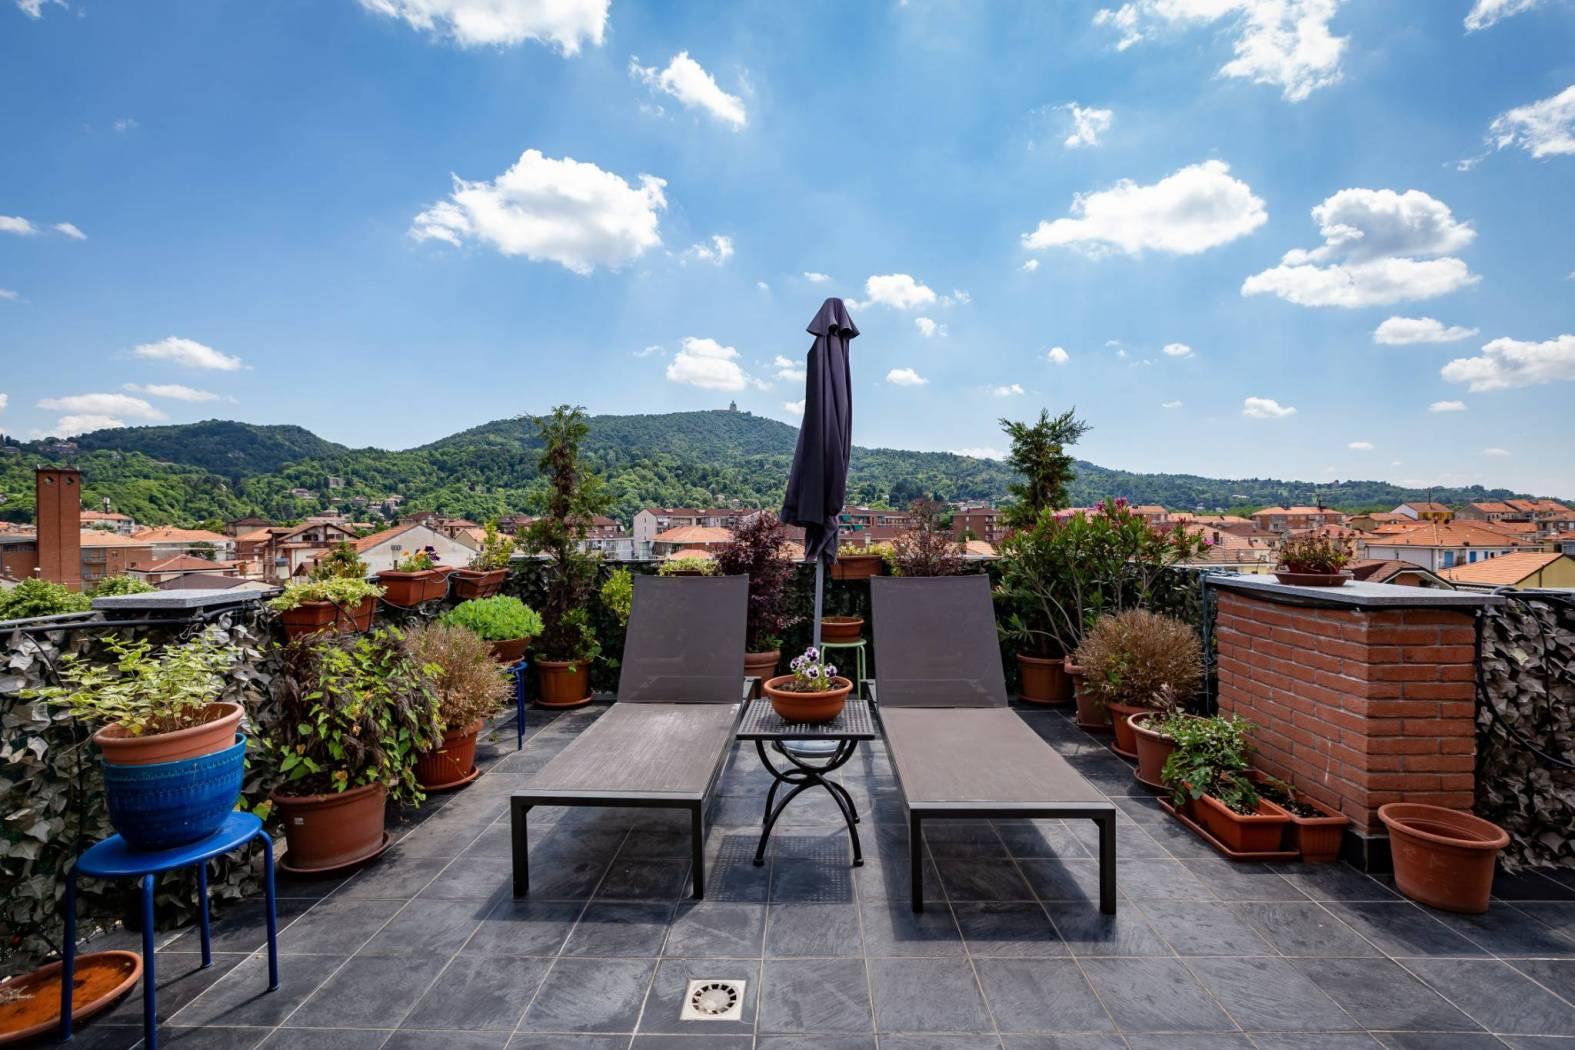 Appartamento in vendita a San Mauro Torinese, 5 locali, zona Località: OltrePo, prezzo € 280.000 | CambioCasa.it